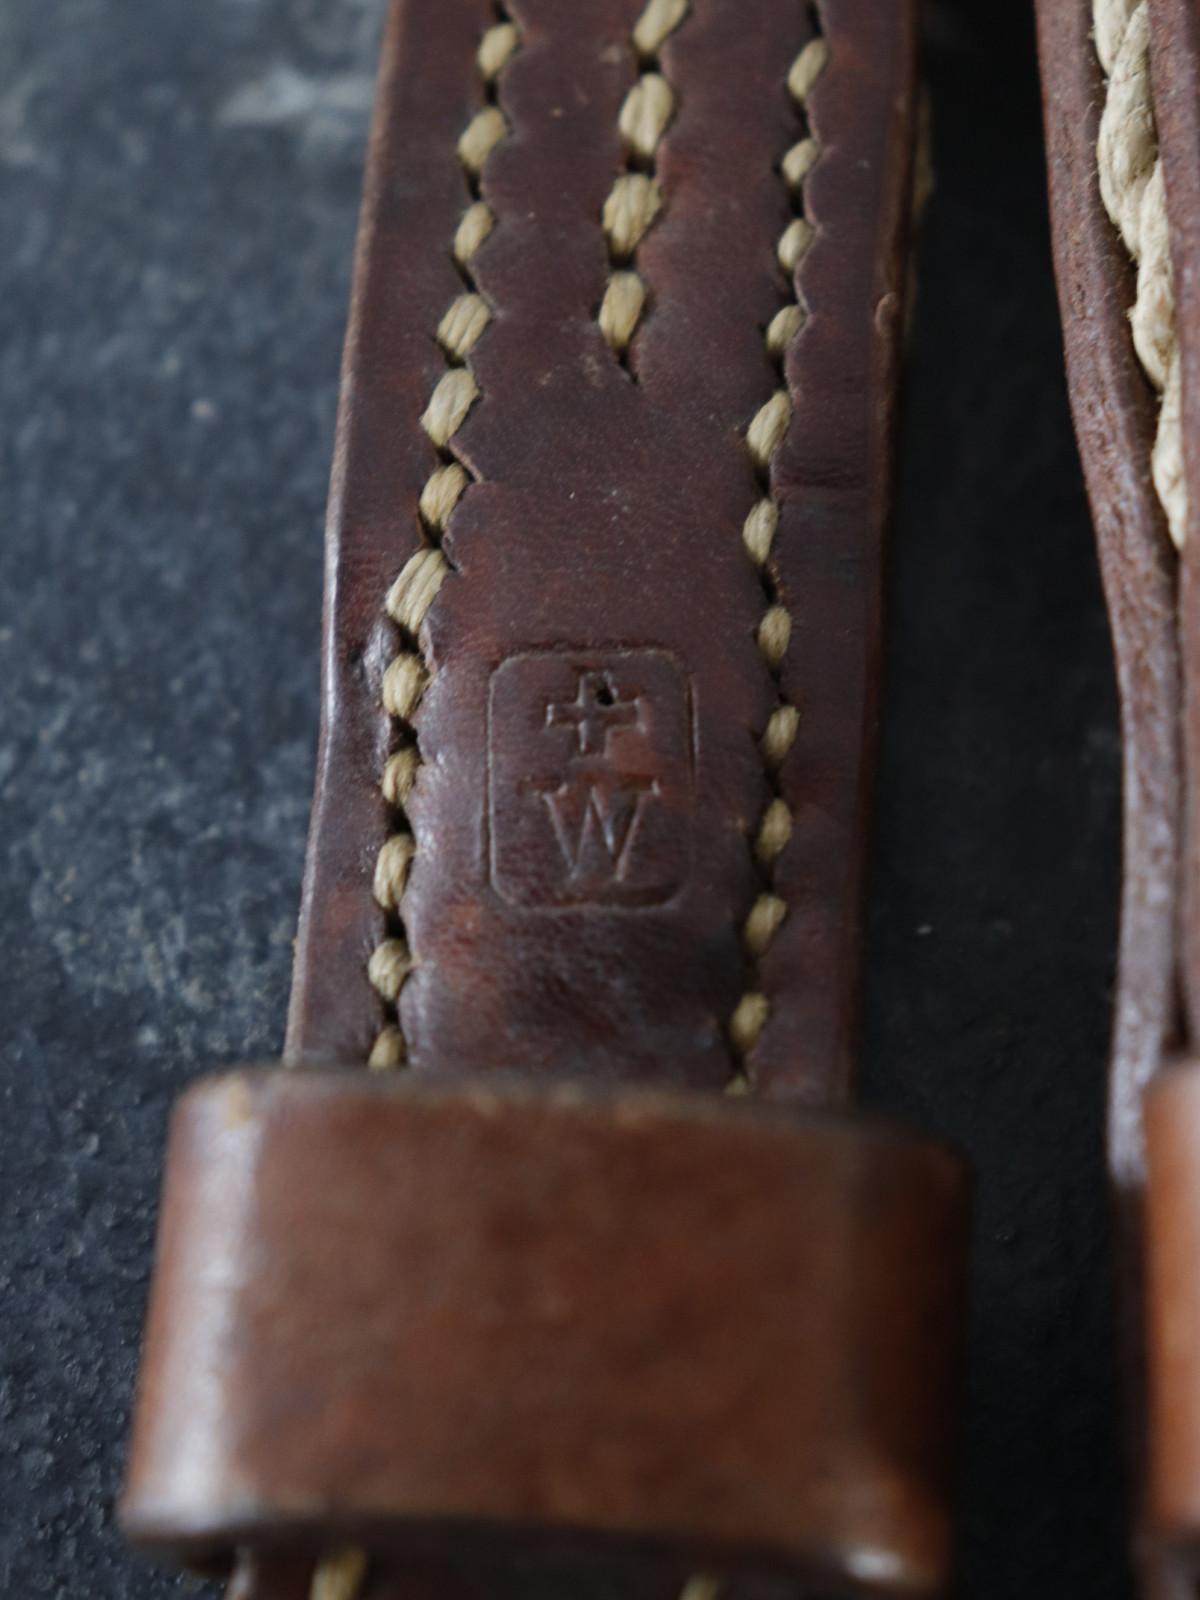 Switzerland,Dead stock,belt,Swiss Army